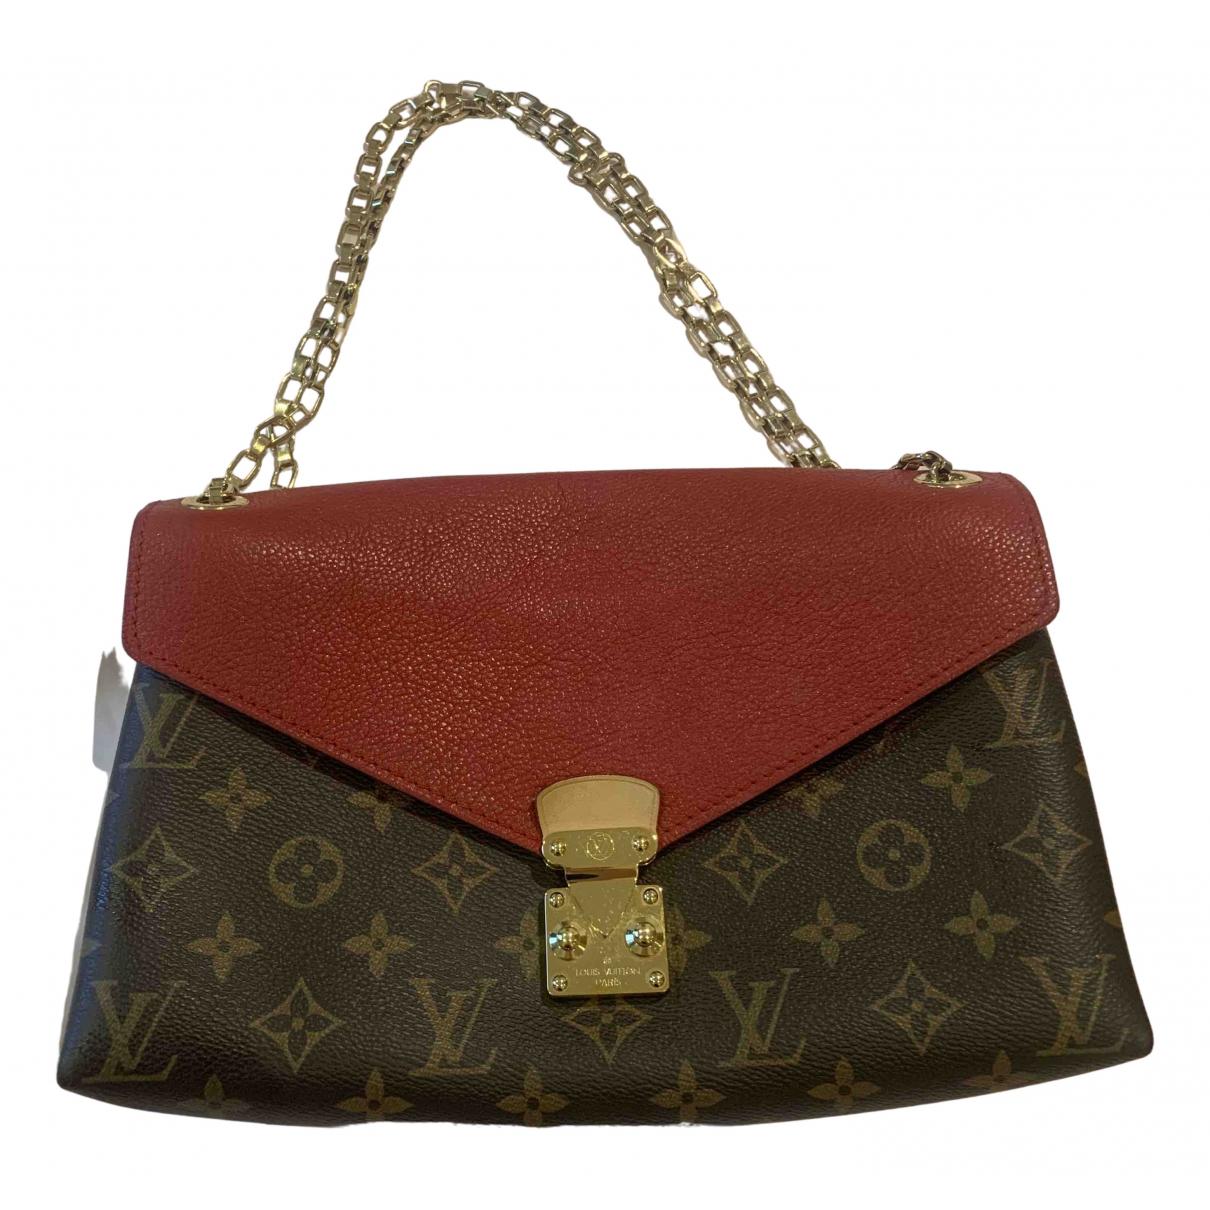 Louis Vuitton Pallas Red Cloth handbag for Women N